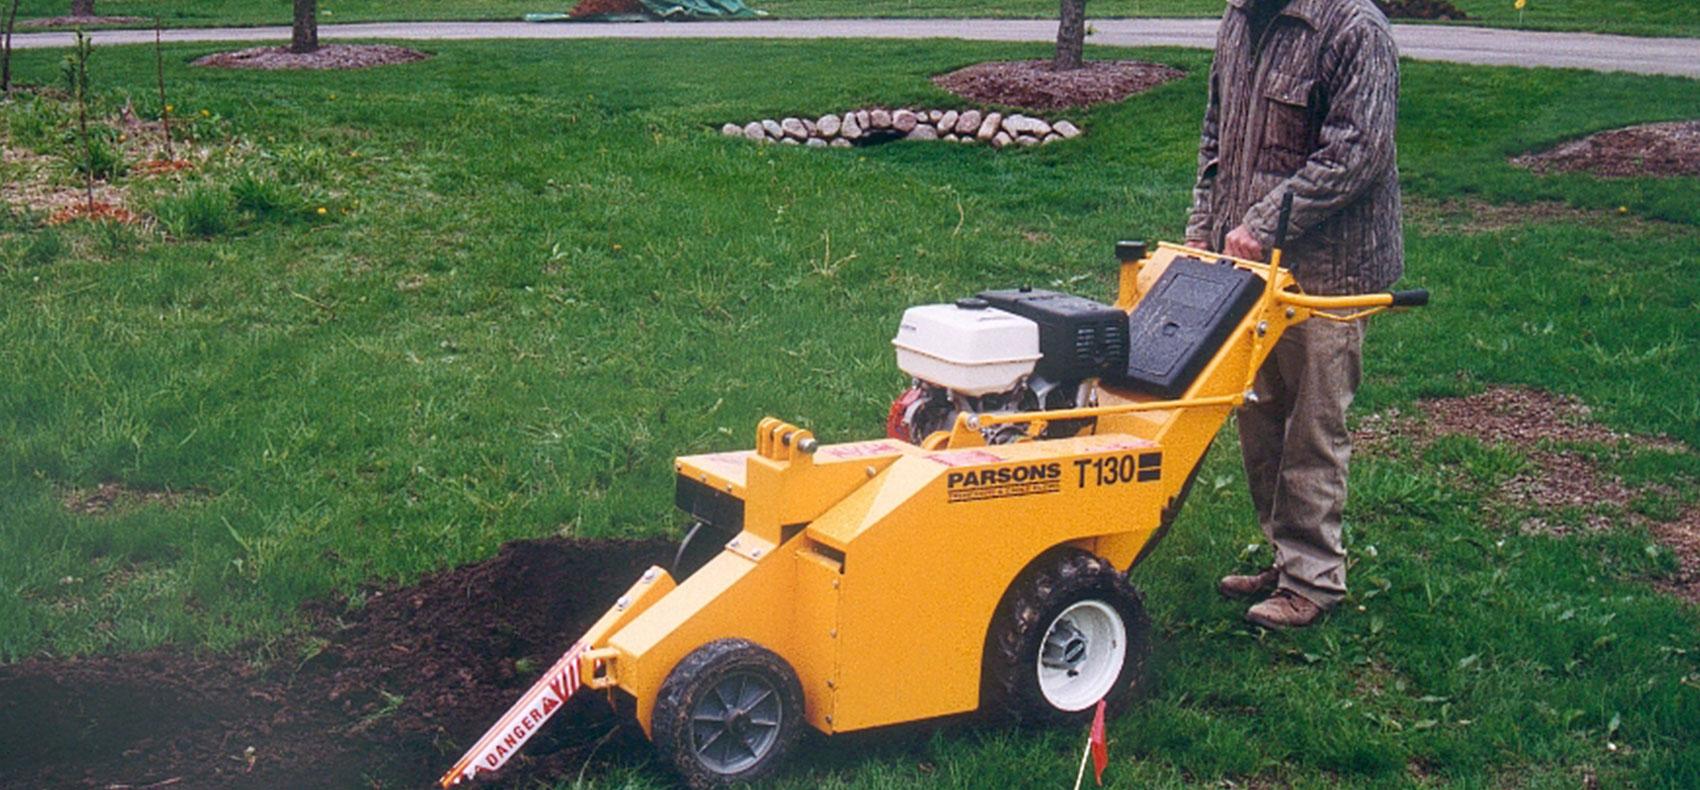 parsons concrete equipment maxon industries inc parsons concrete equipment maxon